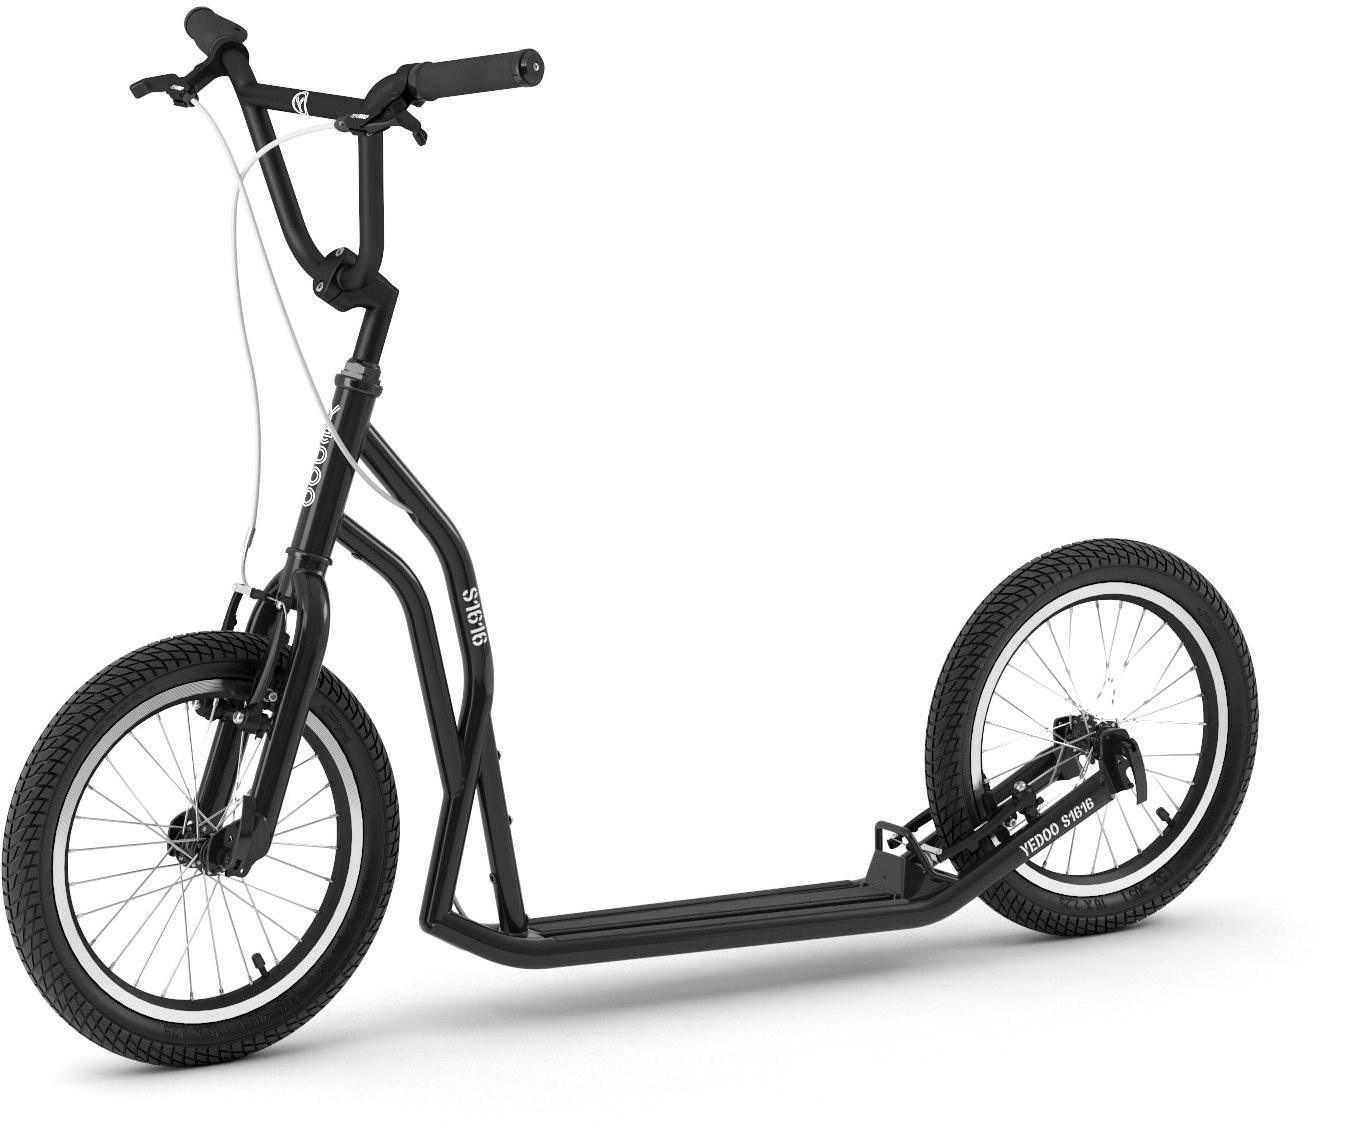 Yedoo S1616 Black fekete színű - Roller